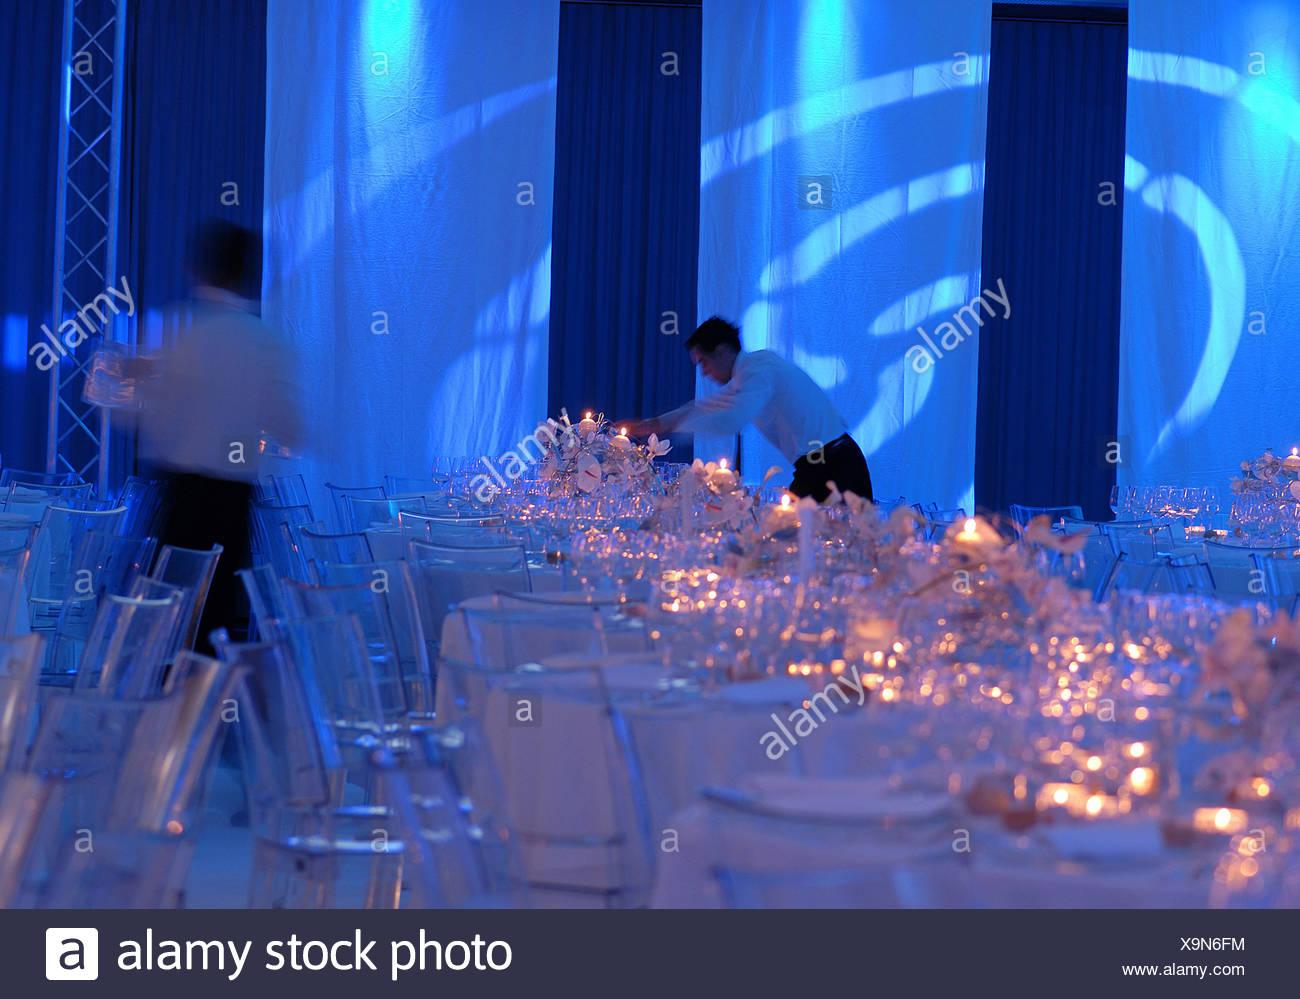 Vie de l'événement ambiance bougies chandelles ambiance table chaises tables gastronomie lunettes classy rencontrez Photo Stock